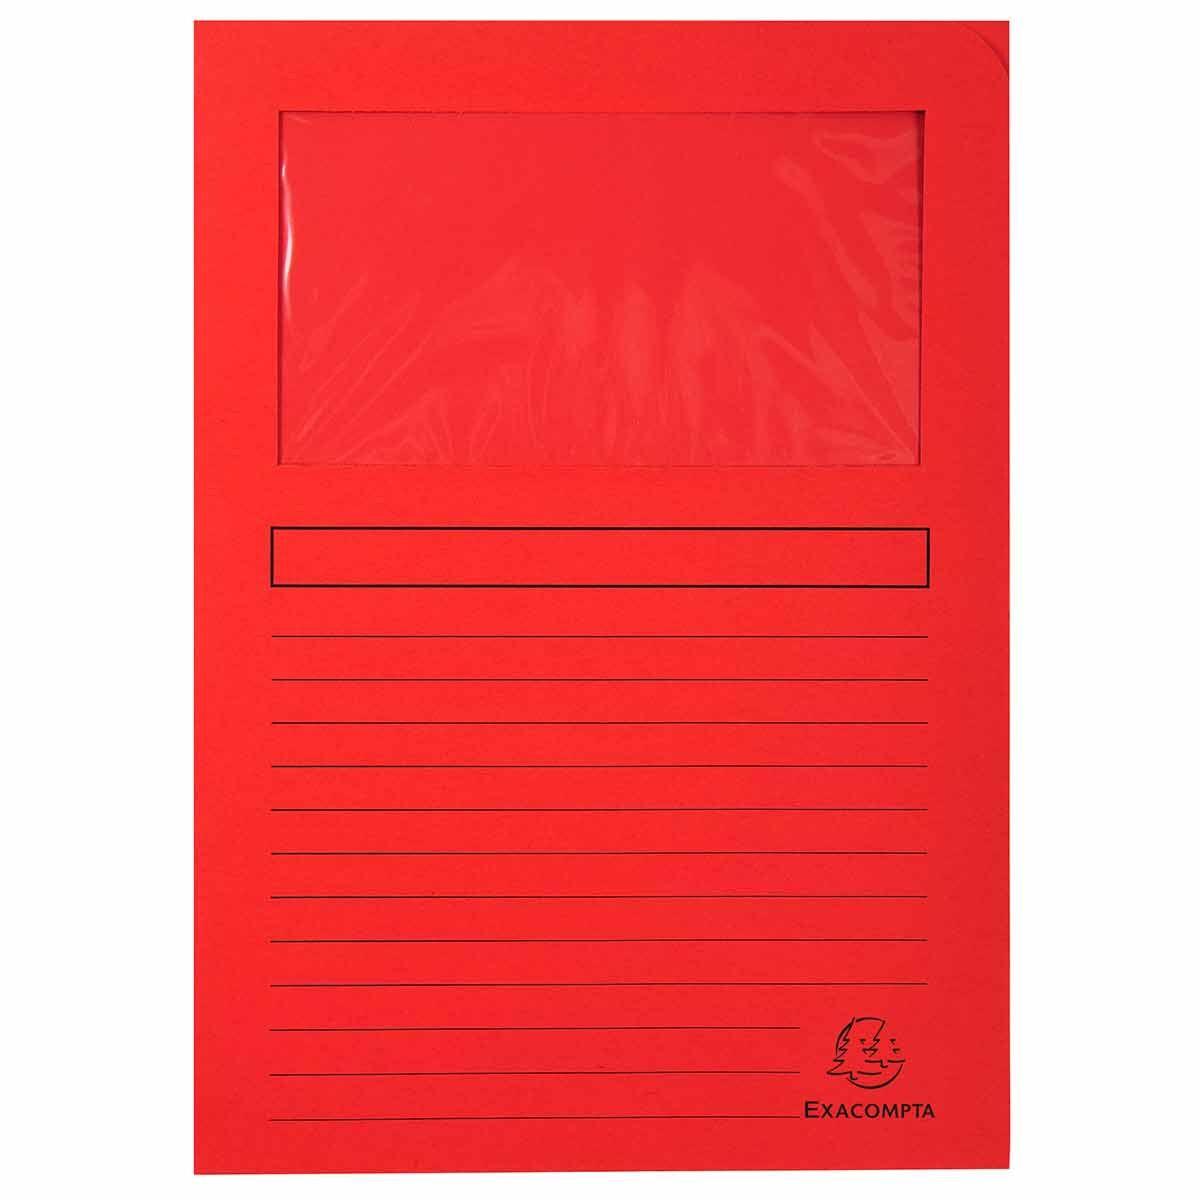 Exacompta Forever Window Folder Pack of 25 Red